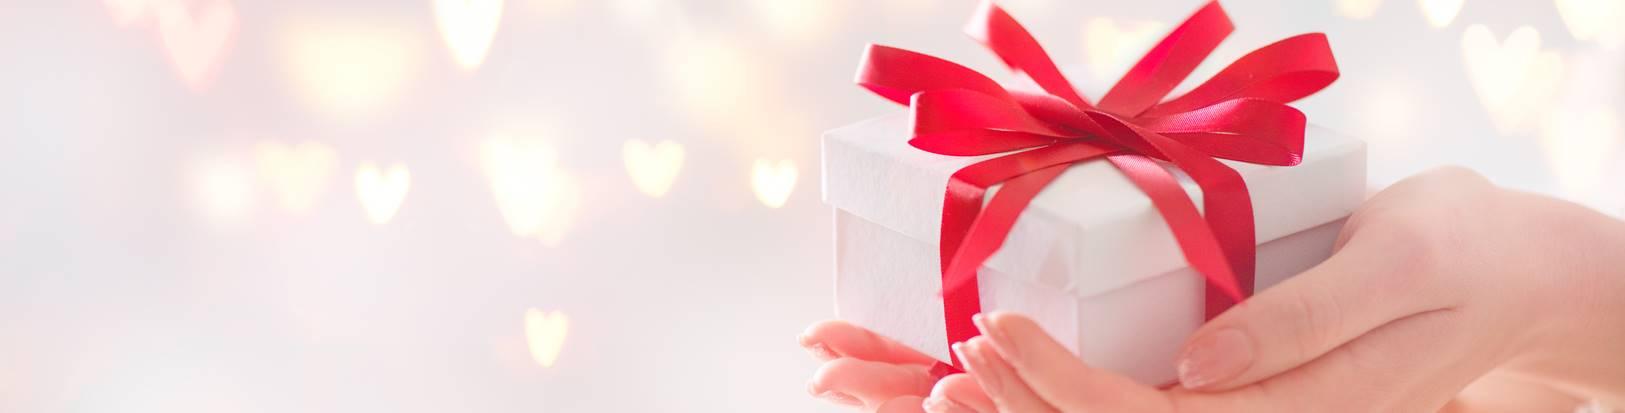 Valentinstag Geschenk mit roter Schleife in der offenen Hand vor weissem Hintergrund mit roten Herzen